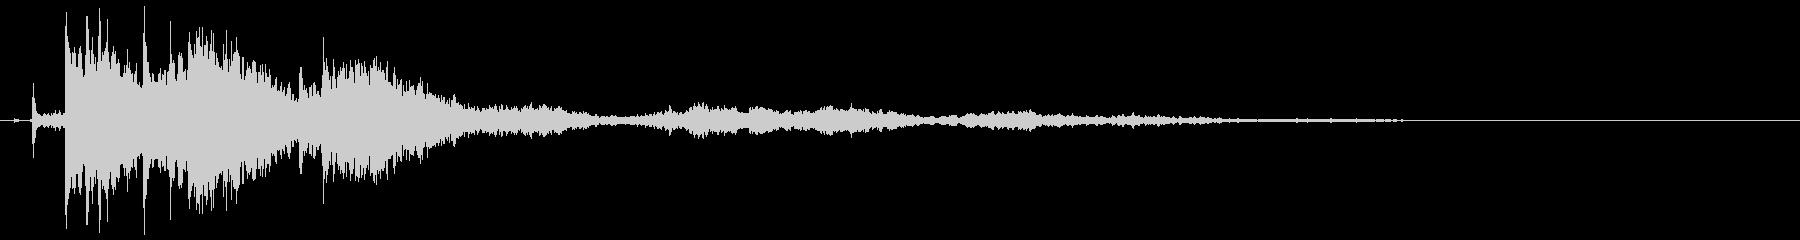 【シネマティック】 ベル音_10の未再生の波形